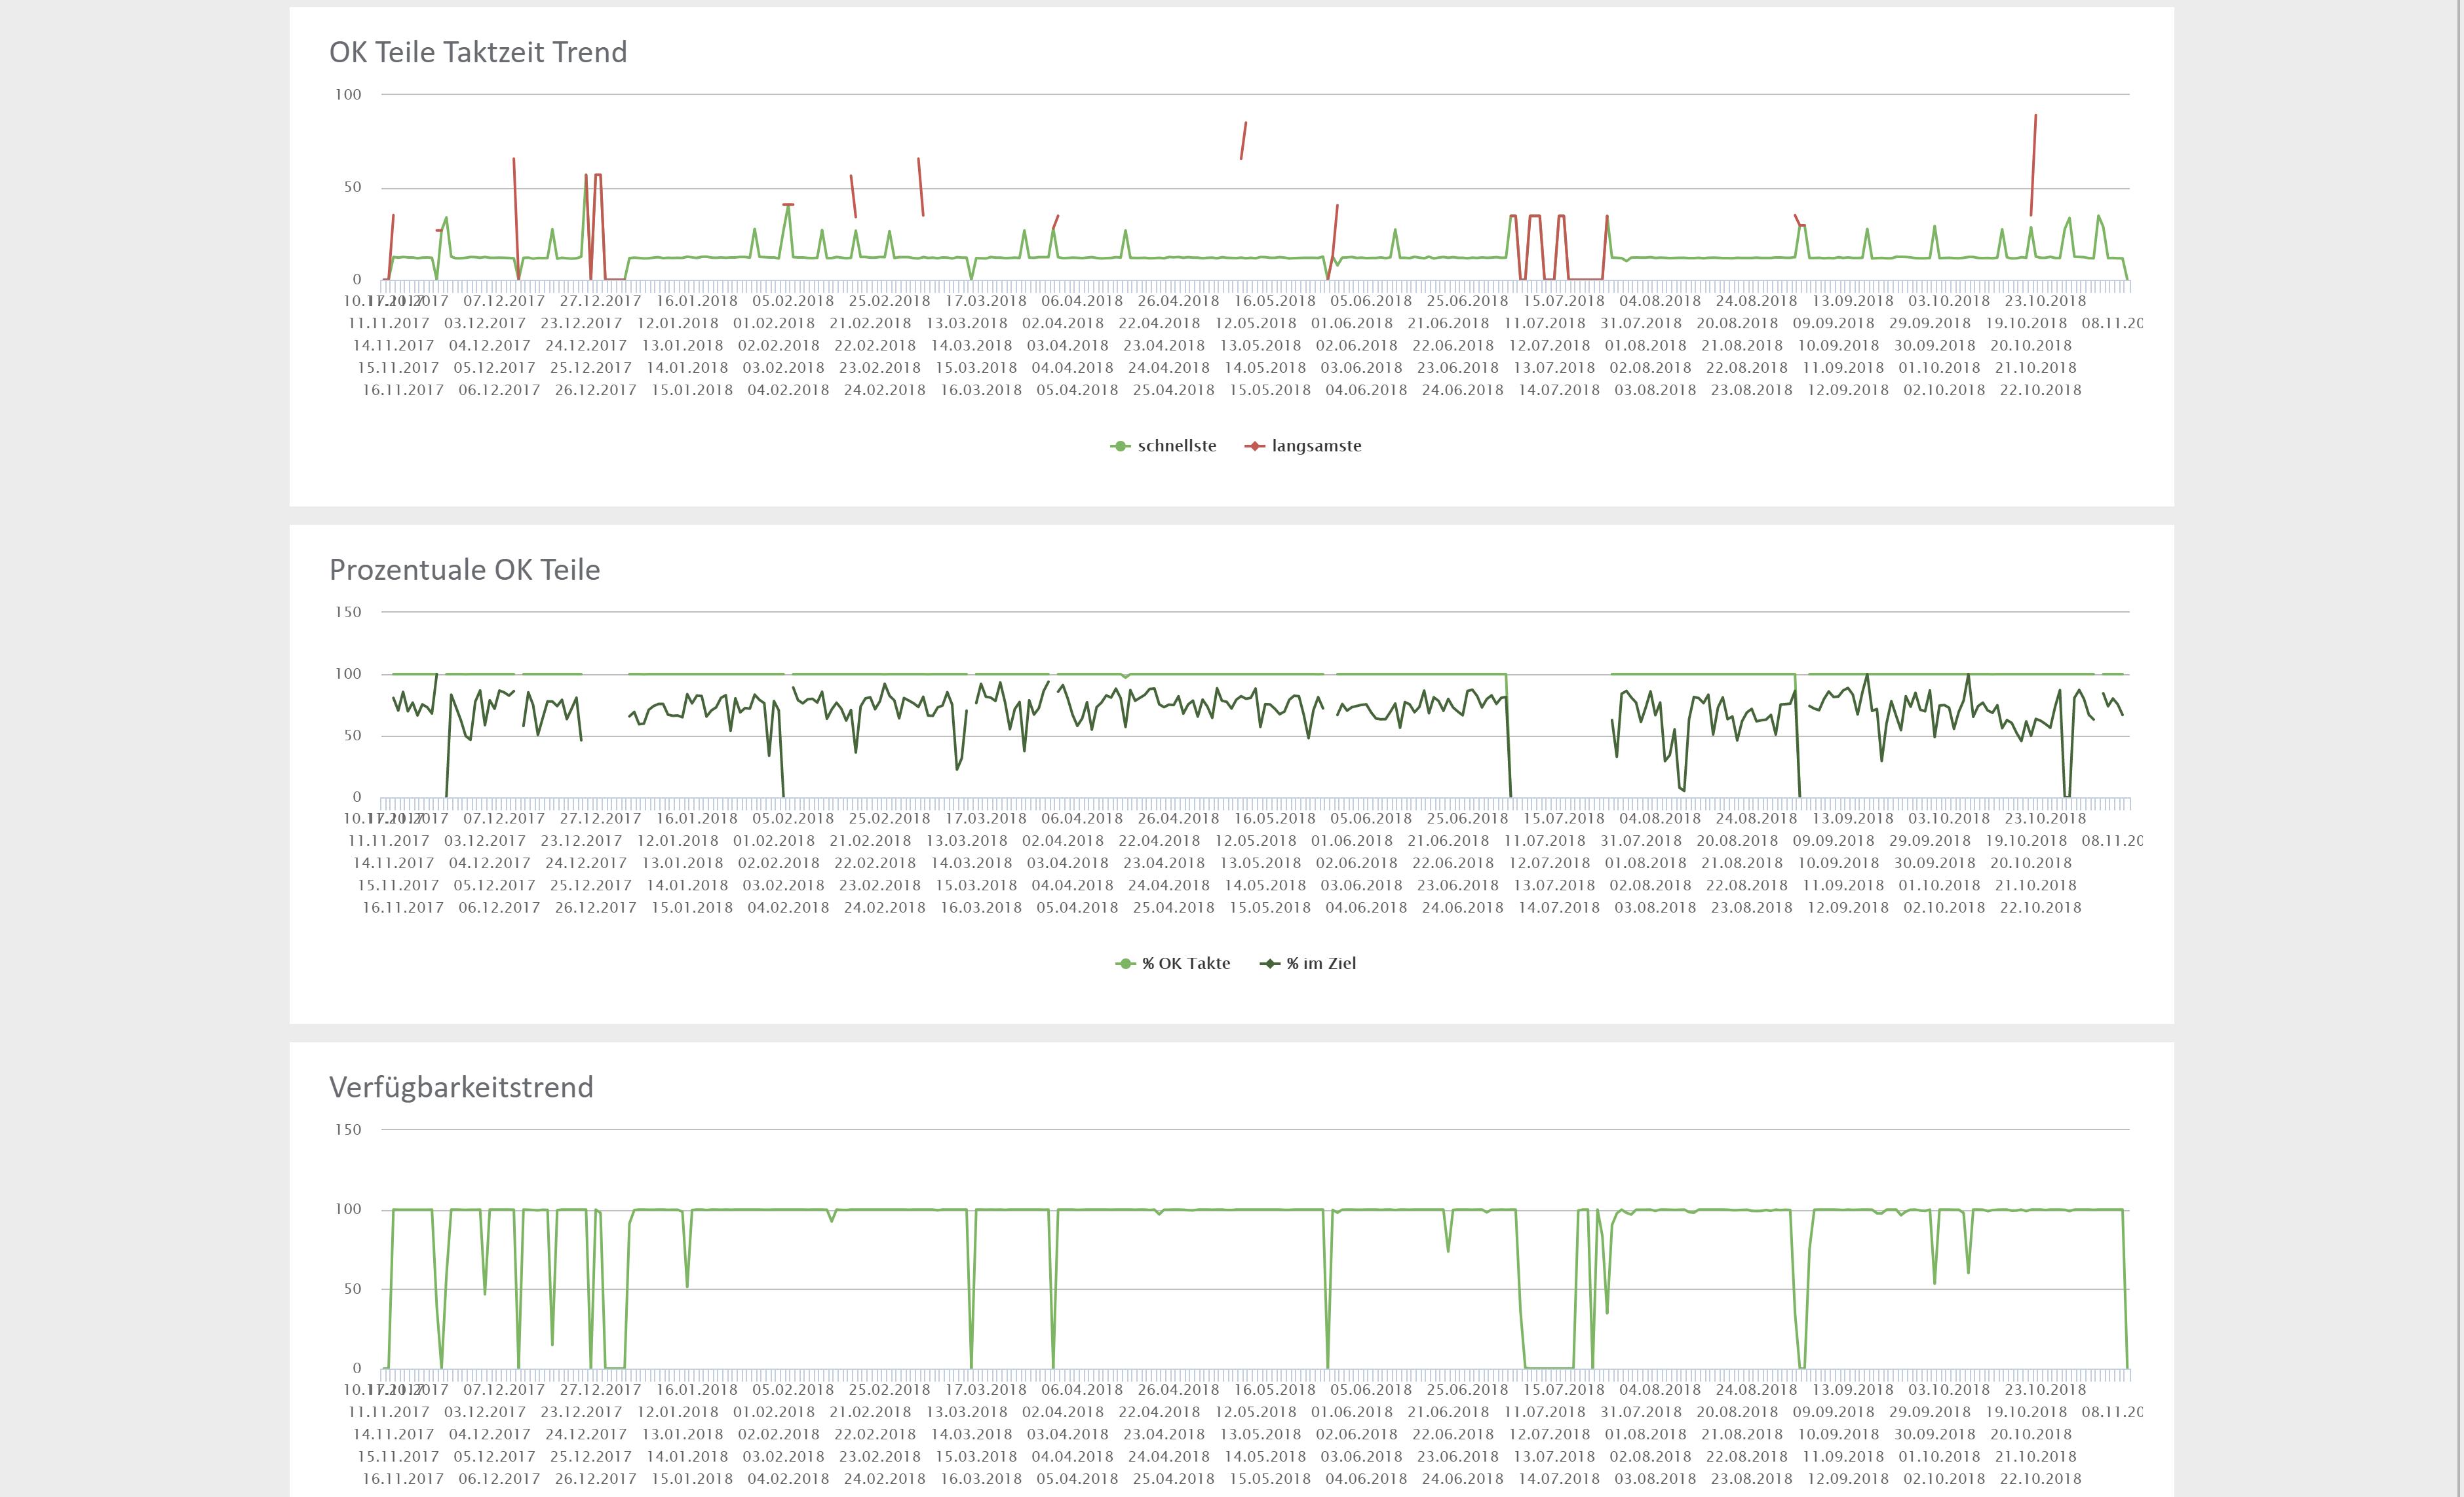 Produktionsüberwachung - Historische Datenauswertung mit Liniendiagrammen